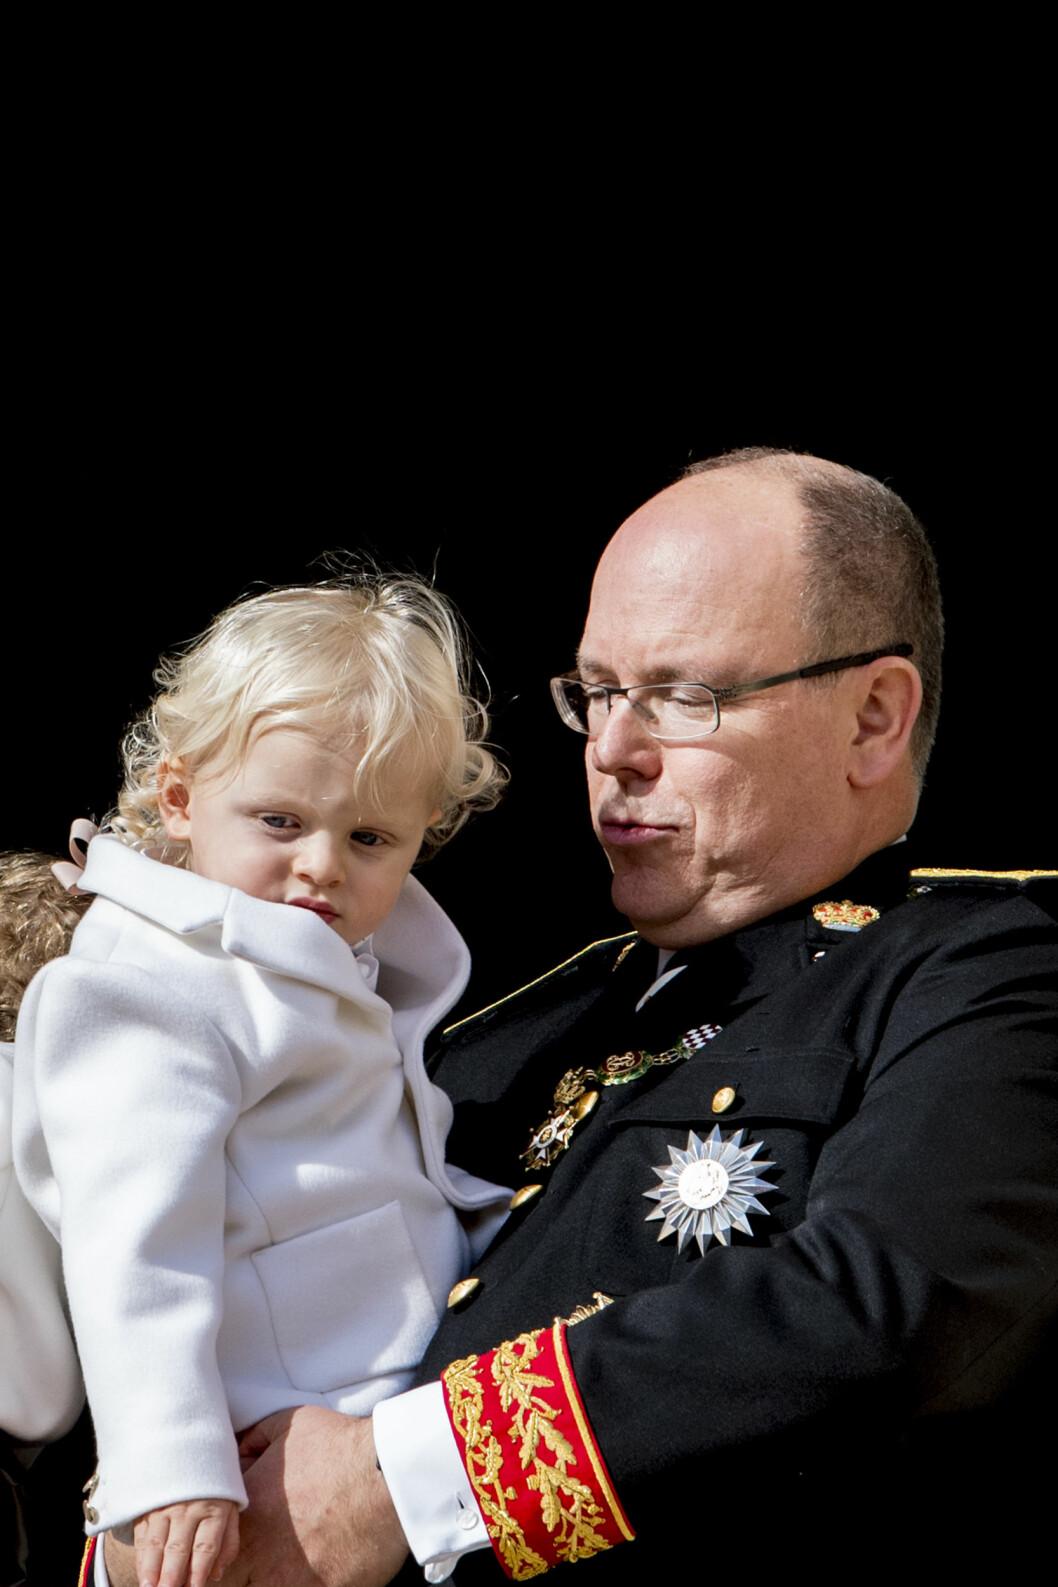 TVILLINGSØNN: Fyrst Albert med sønnen Jacques på armen. Foto: NTB Scanpix